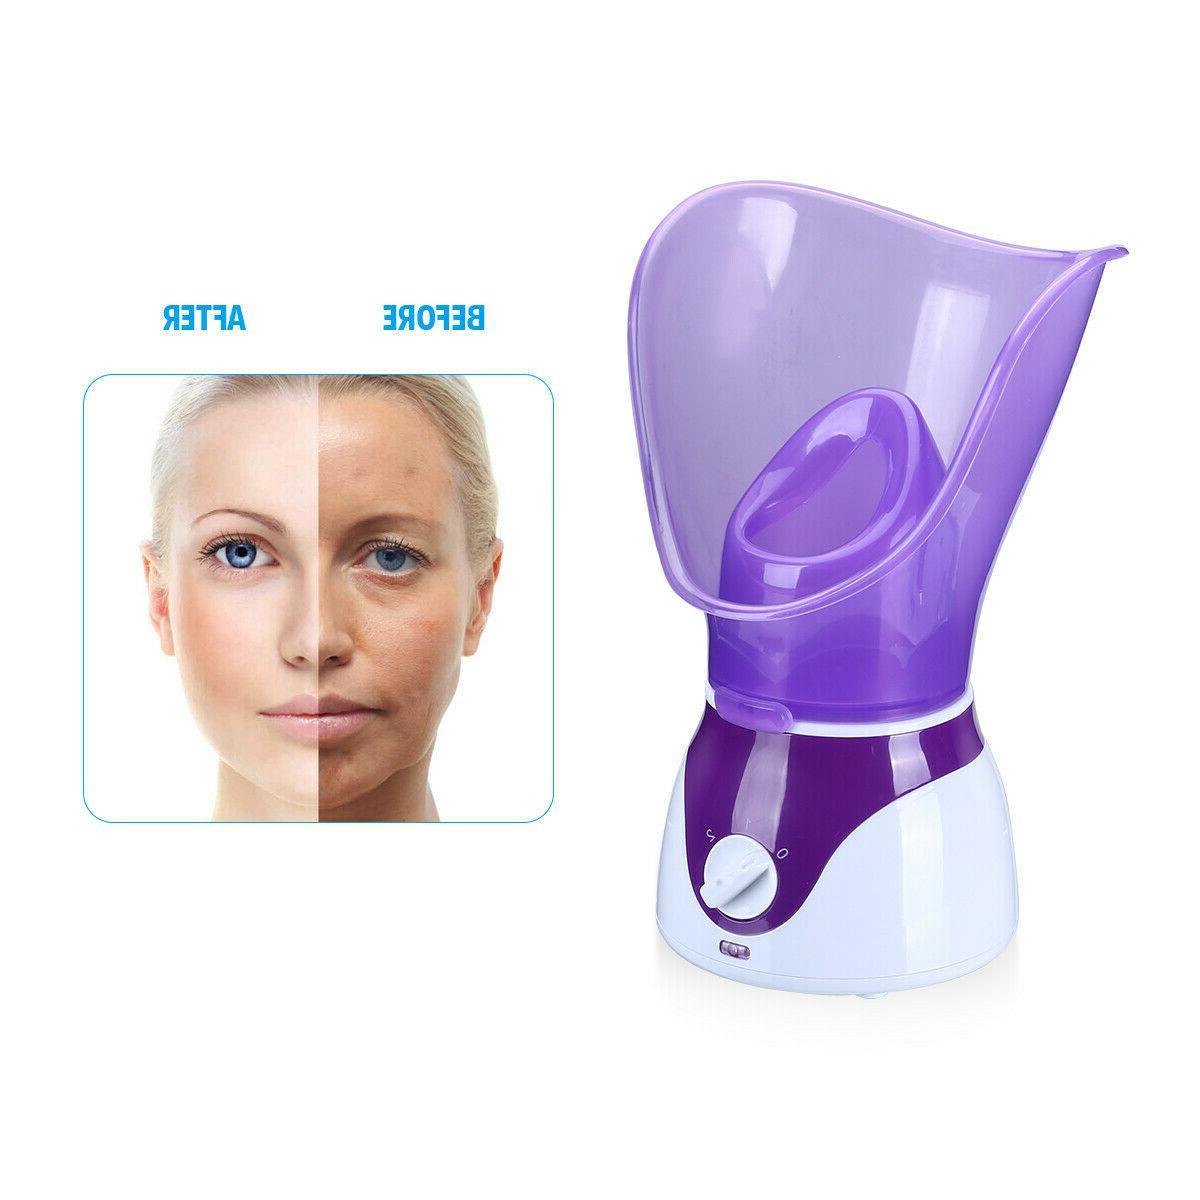 Face Pores Steam Skin Mist Cleaner Steaming Machine